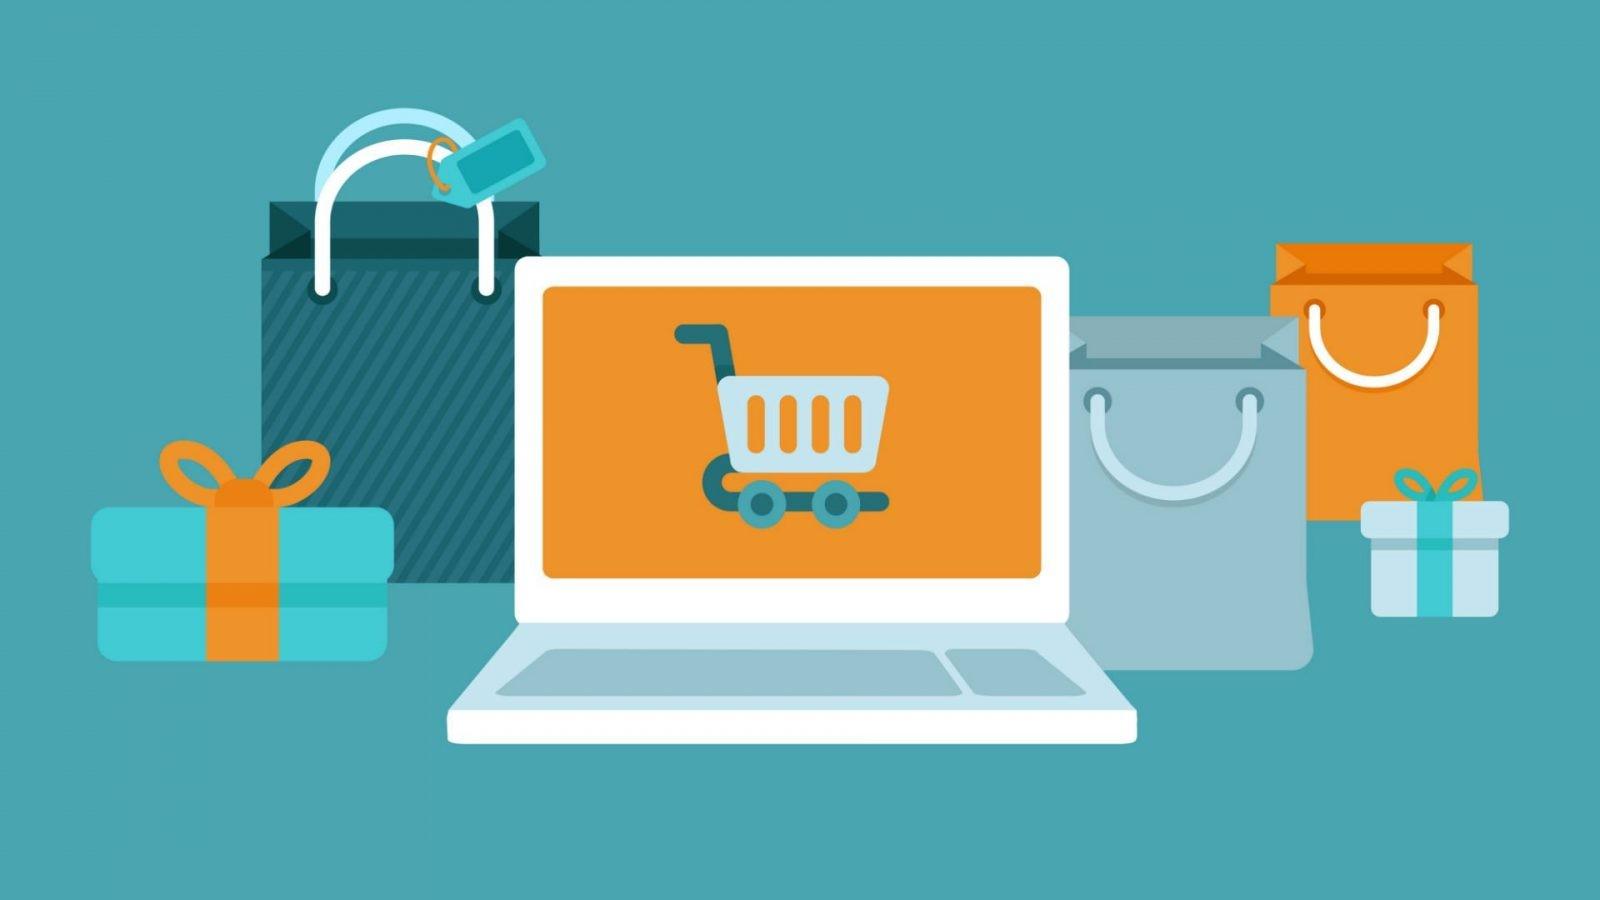 Configurar envío gratis a determinados productos en WooCommerce 1